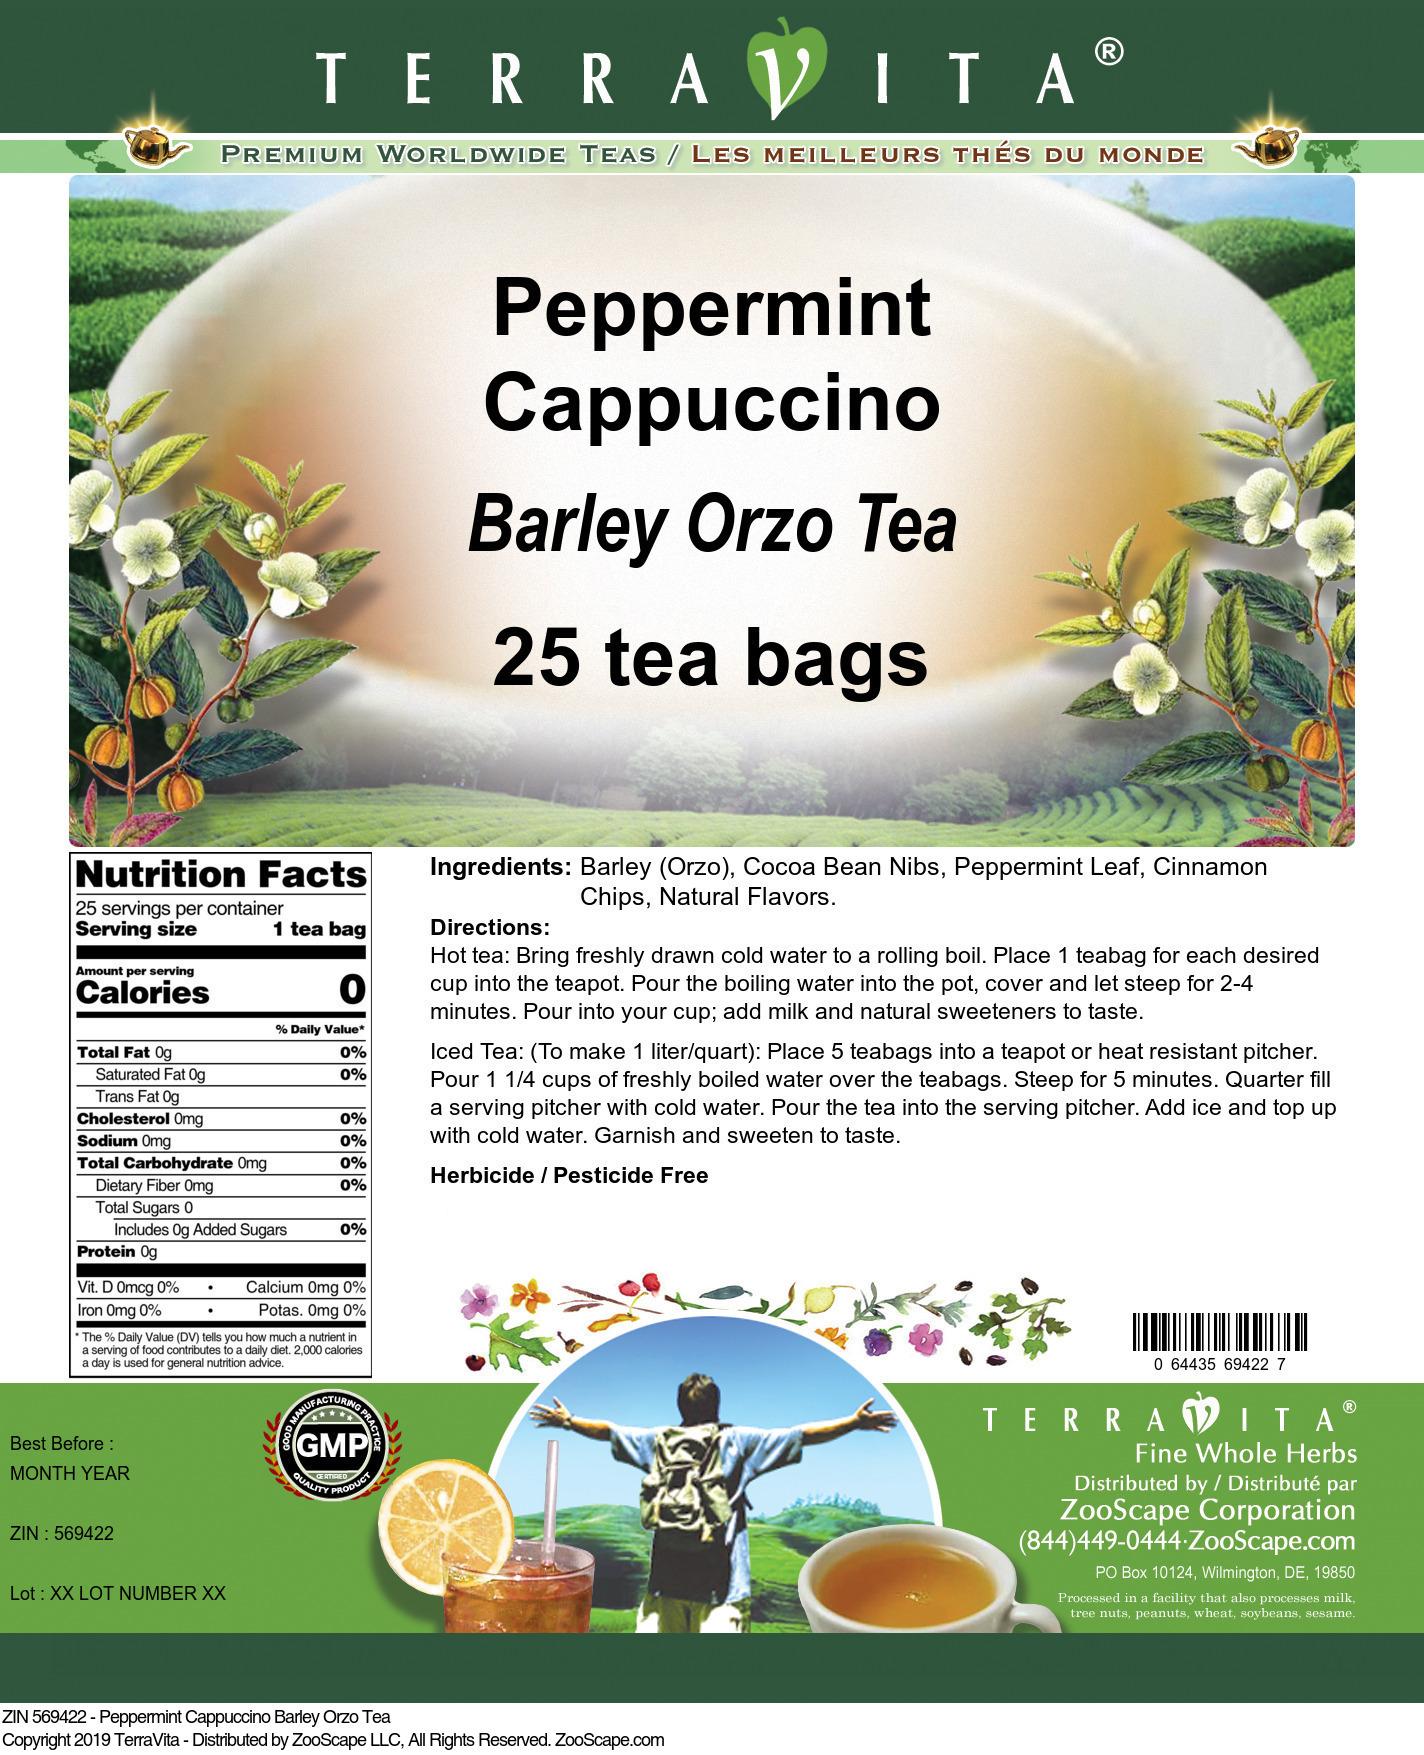 Peppermint Cappuccino Barley Orzo Tea